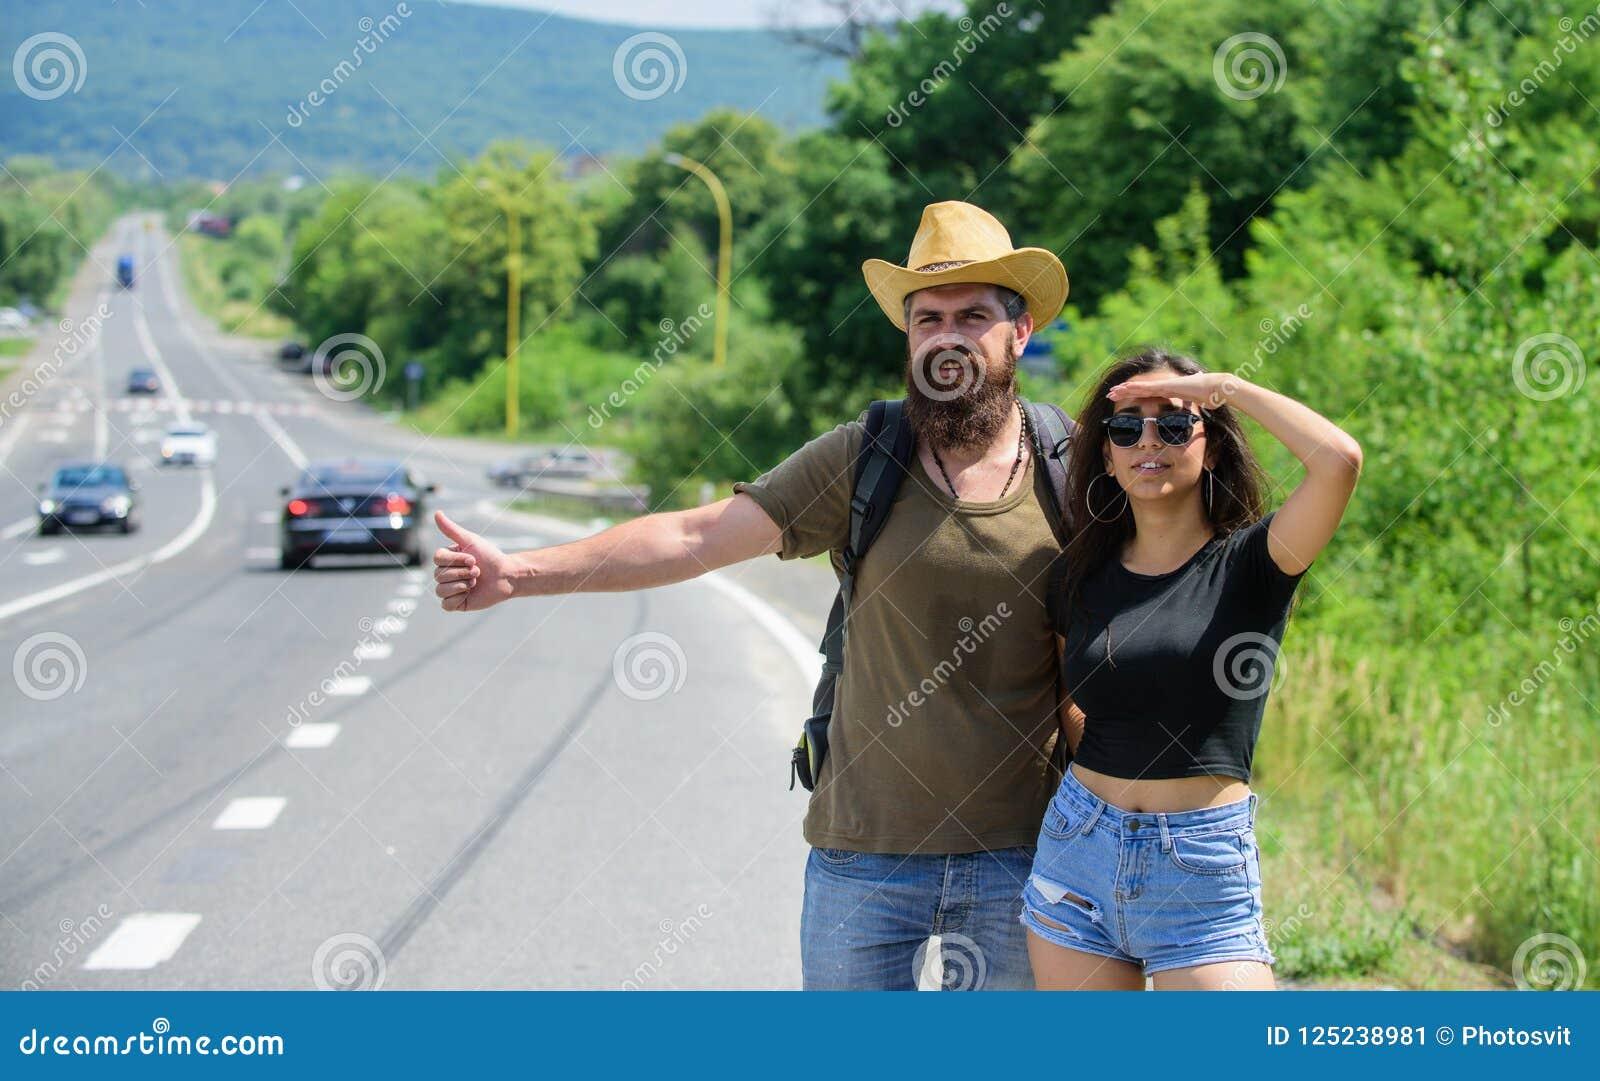 Попытка путешественников для того чтобы остановить автомобиль Путешествовать один из самых дешевых путей путешествовать Автостопщ